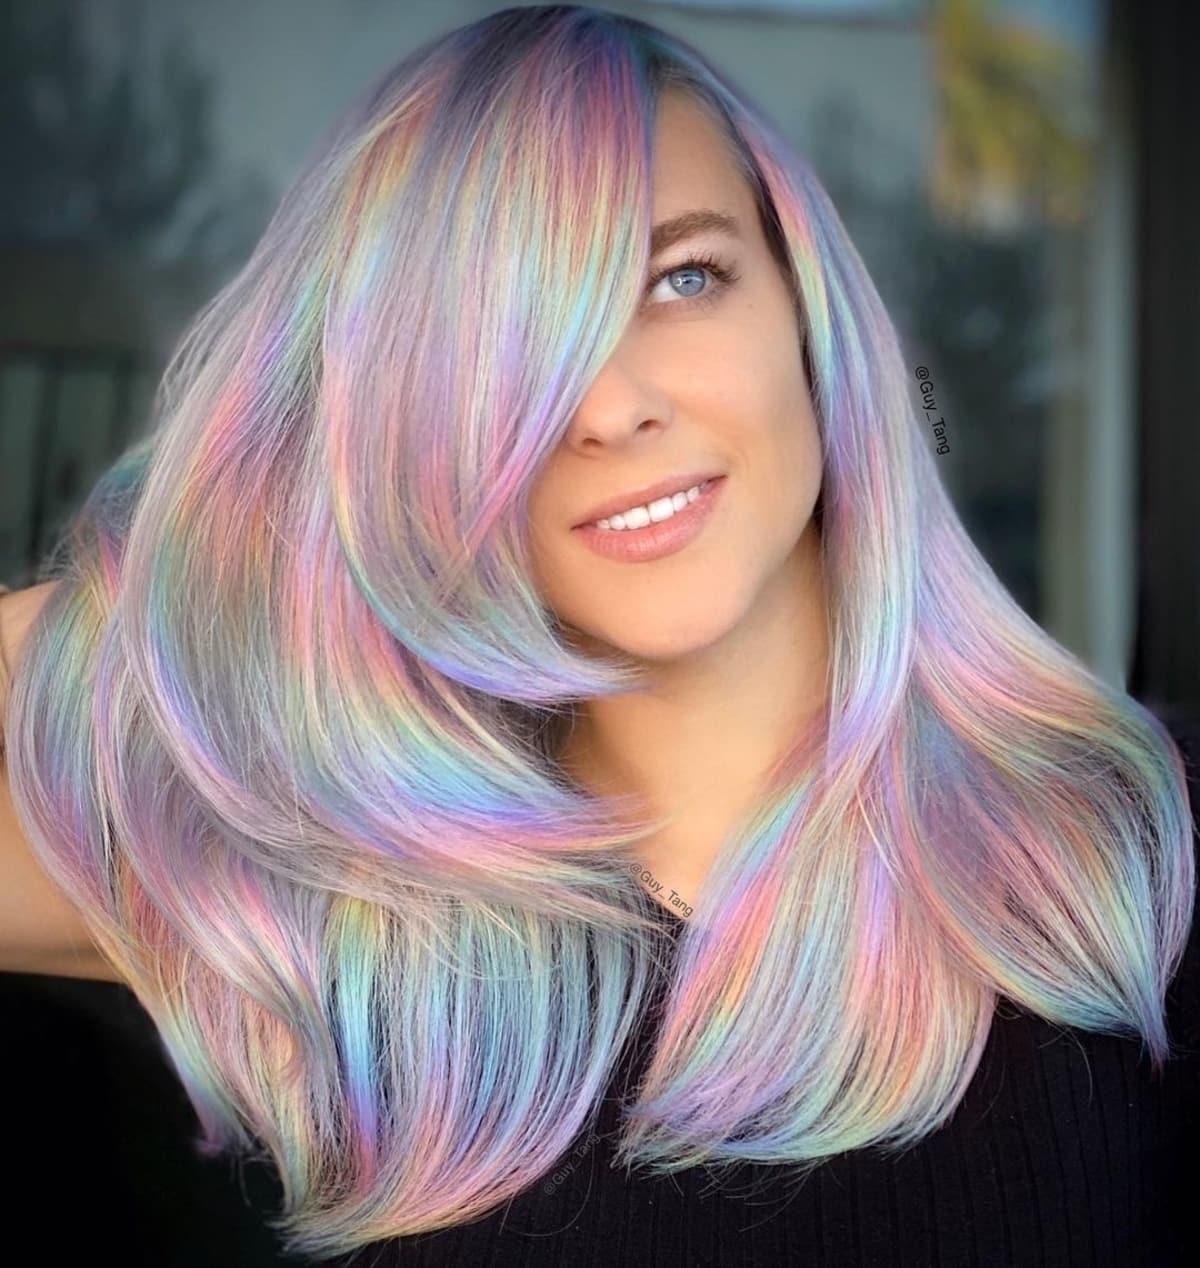 Cheveux arc-en-ciel holographiques